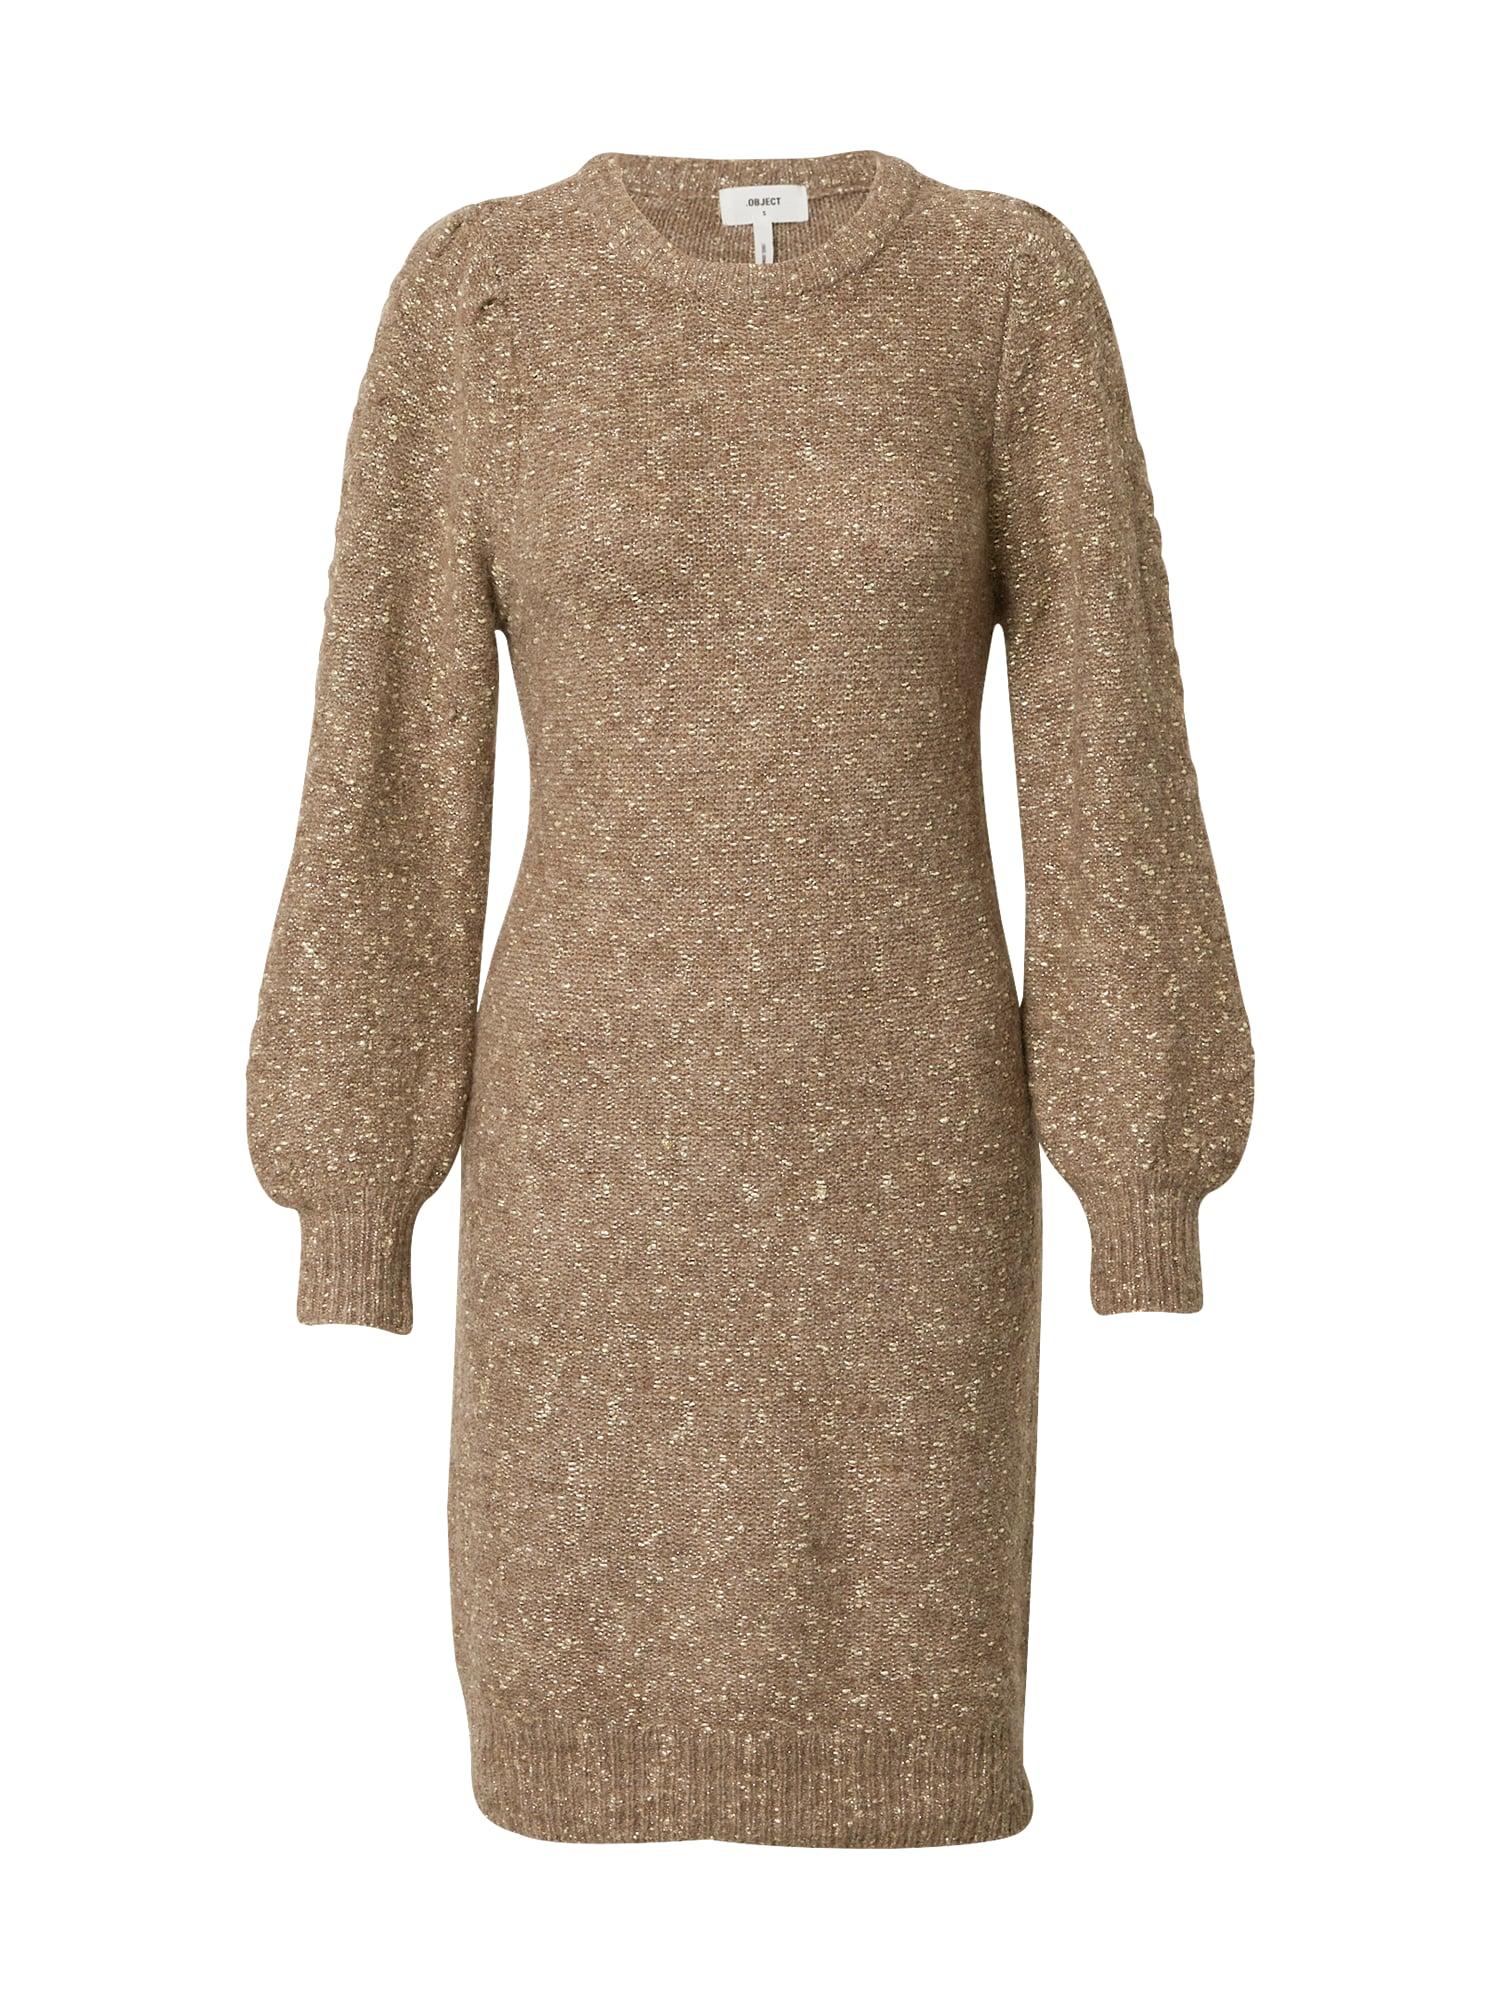 OBJECT Úpletové šaty 'Randy'  zlatá / hnědá